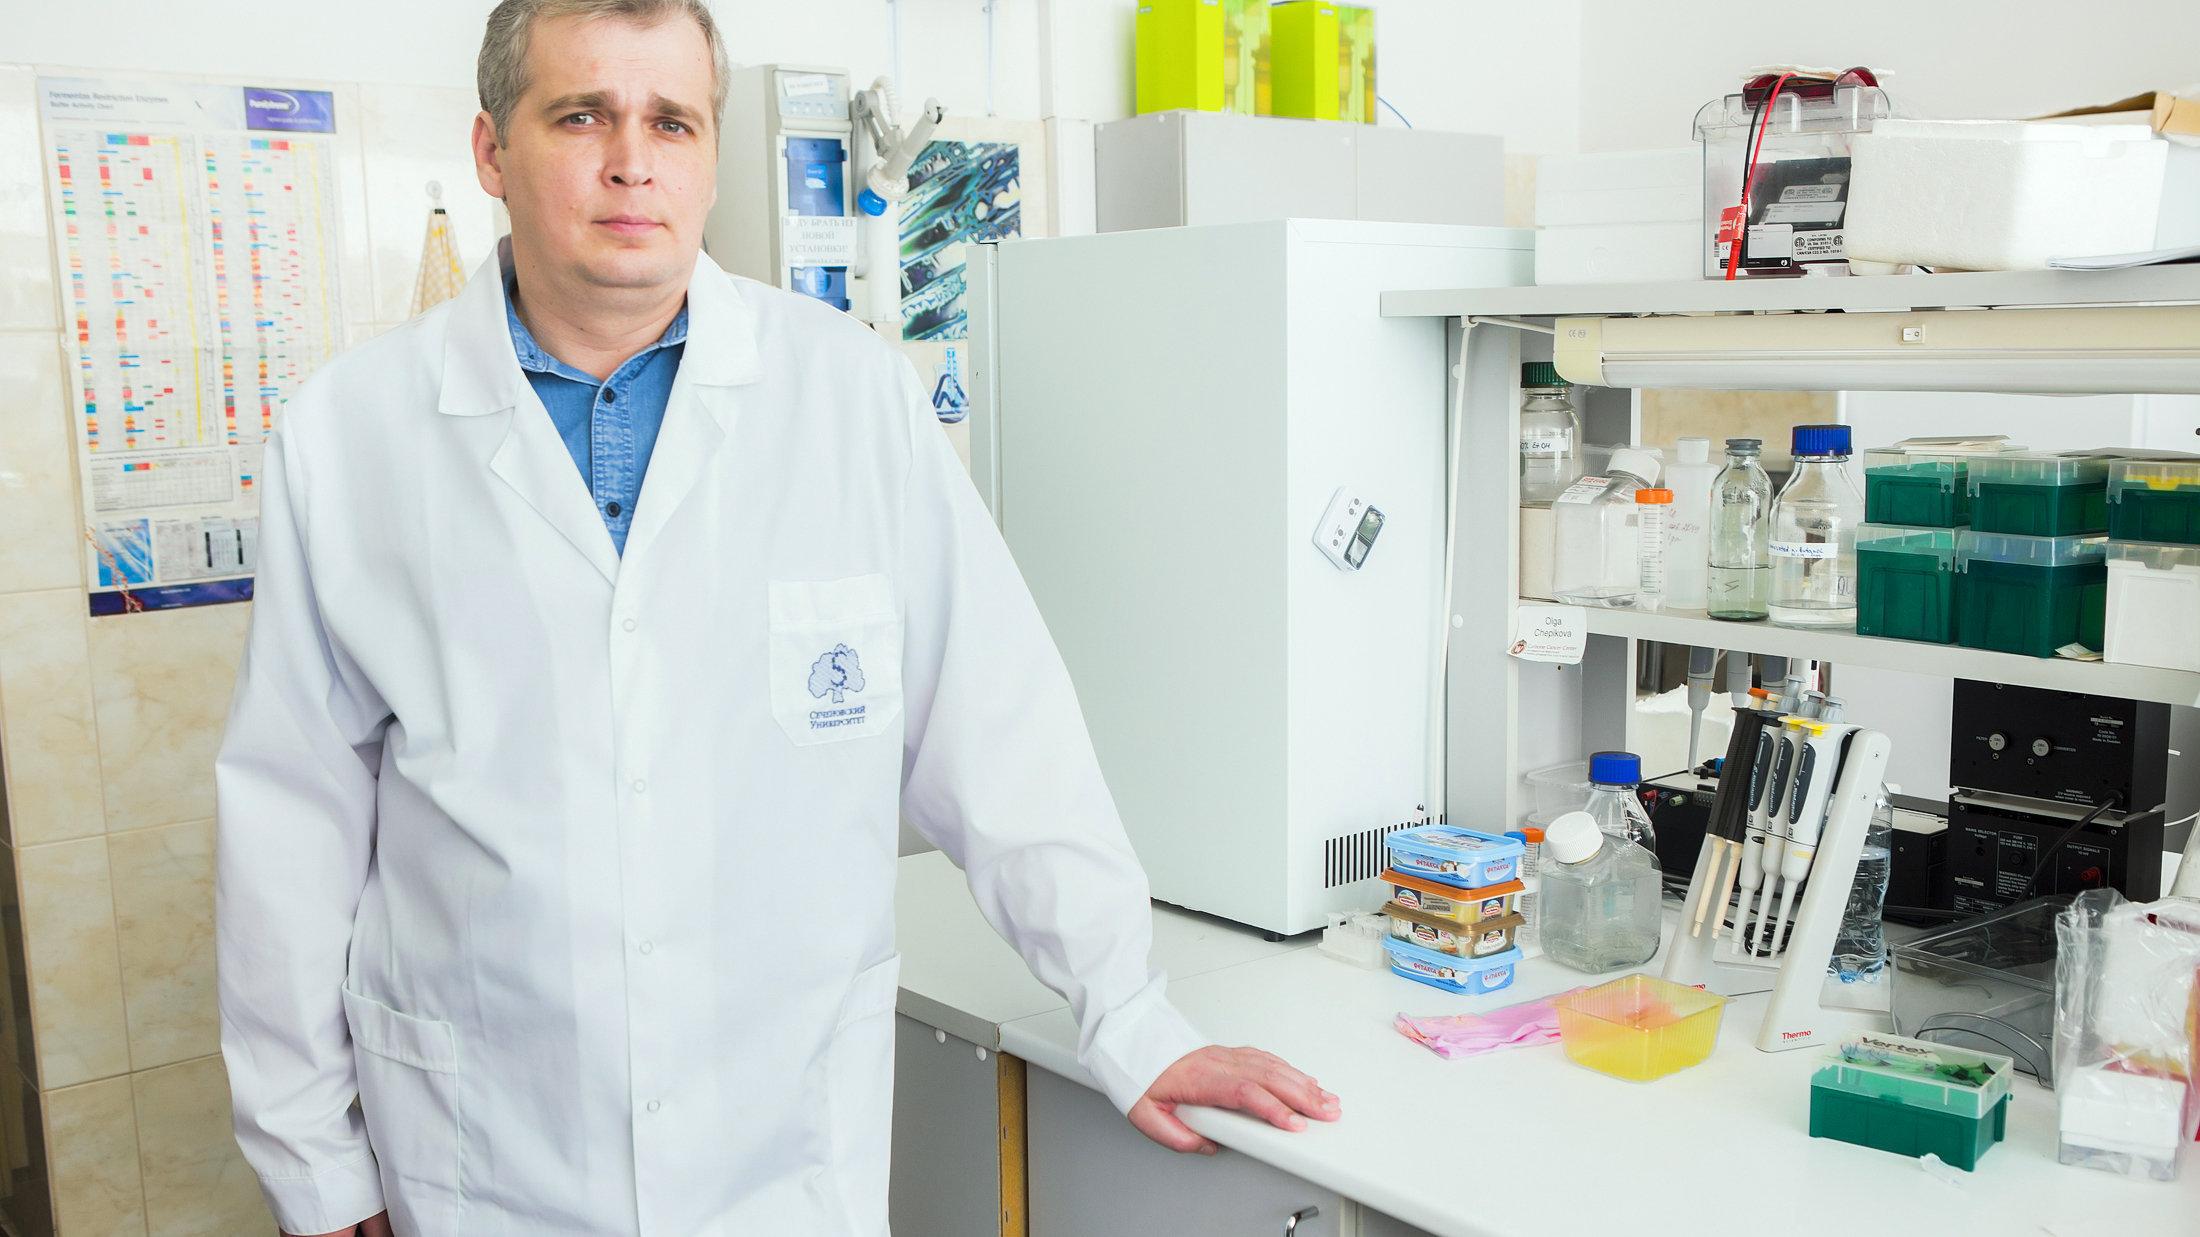 莫斯科国立谢切诺夫第一医科大学分子医学研究所主任安德烈·扎米亚特宁